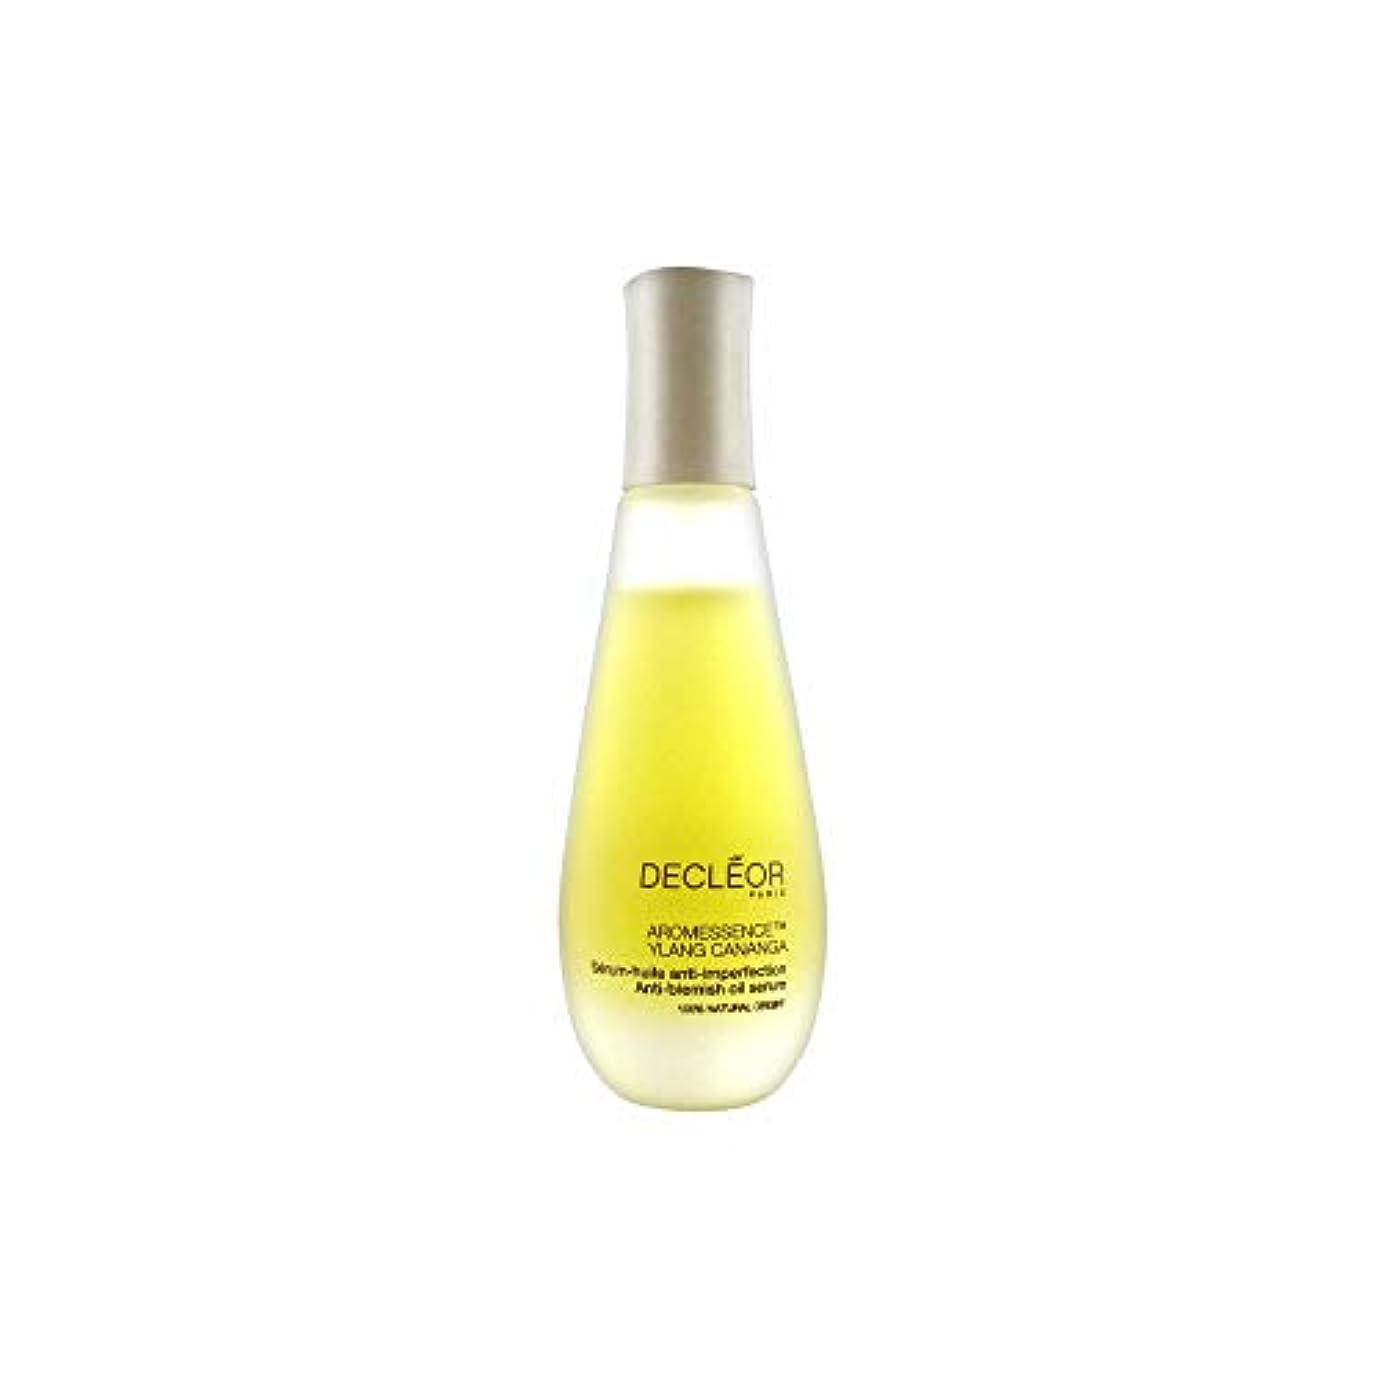 喉が渇いた川かわすデクレオール Aromessence Ylang Cananga Anti-Blemish Oil Serum - For Combination to Oily Skin 15ml/0.5oz並行輸入品